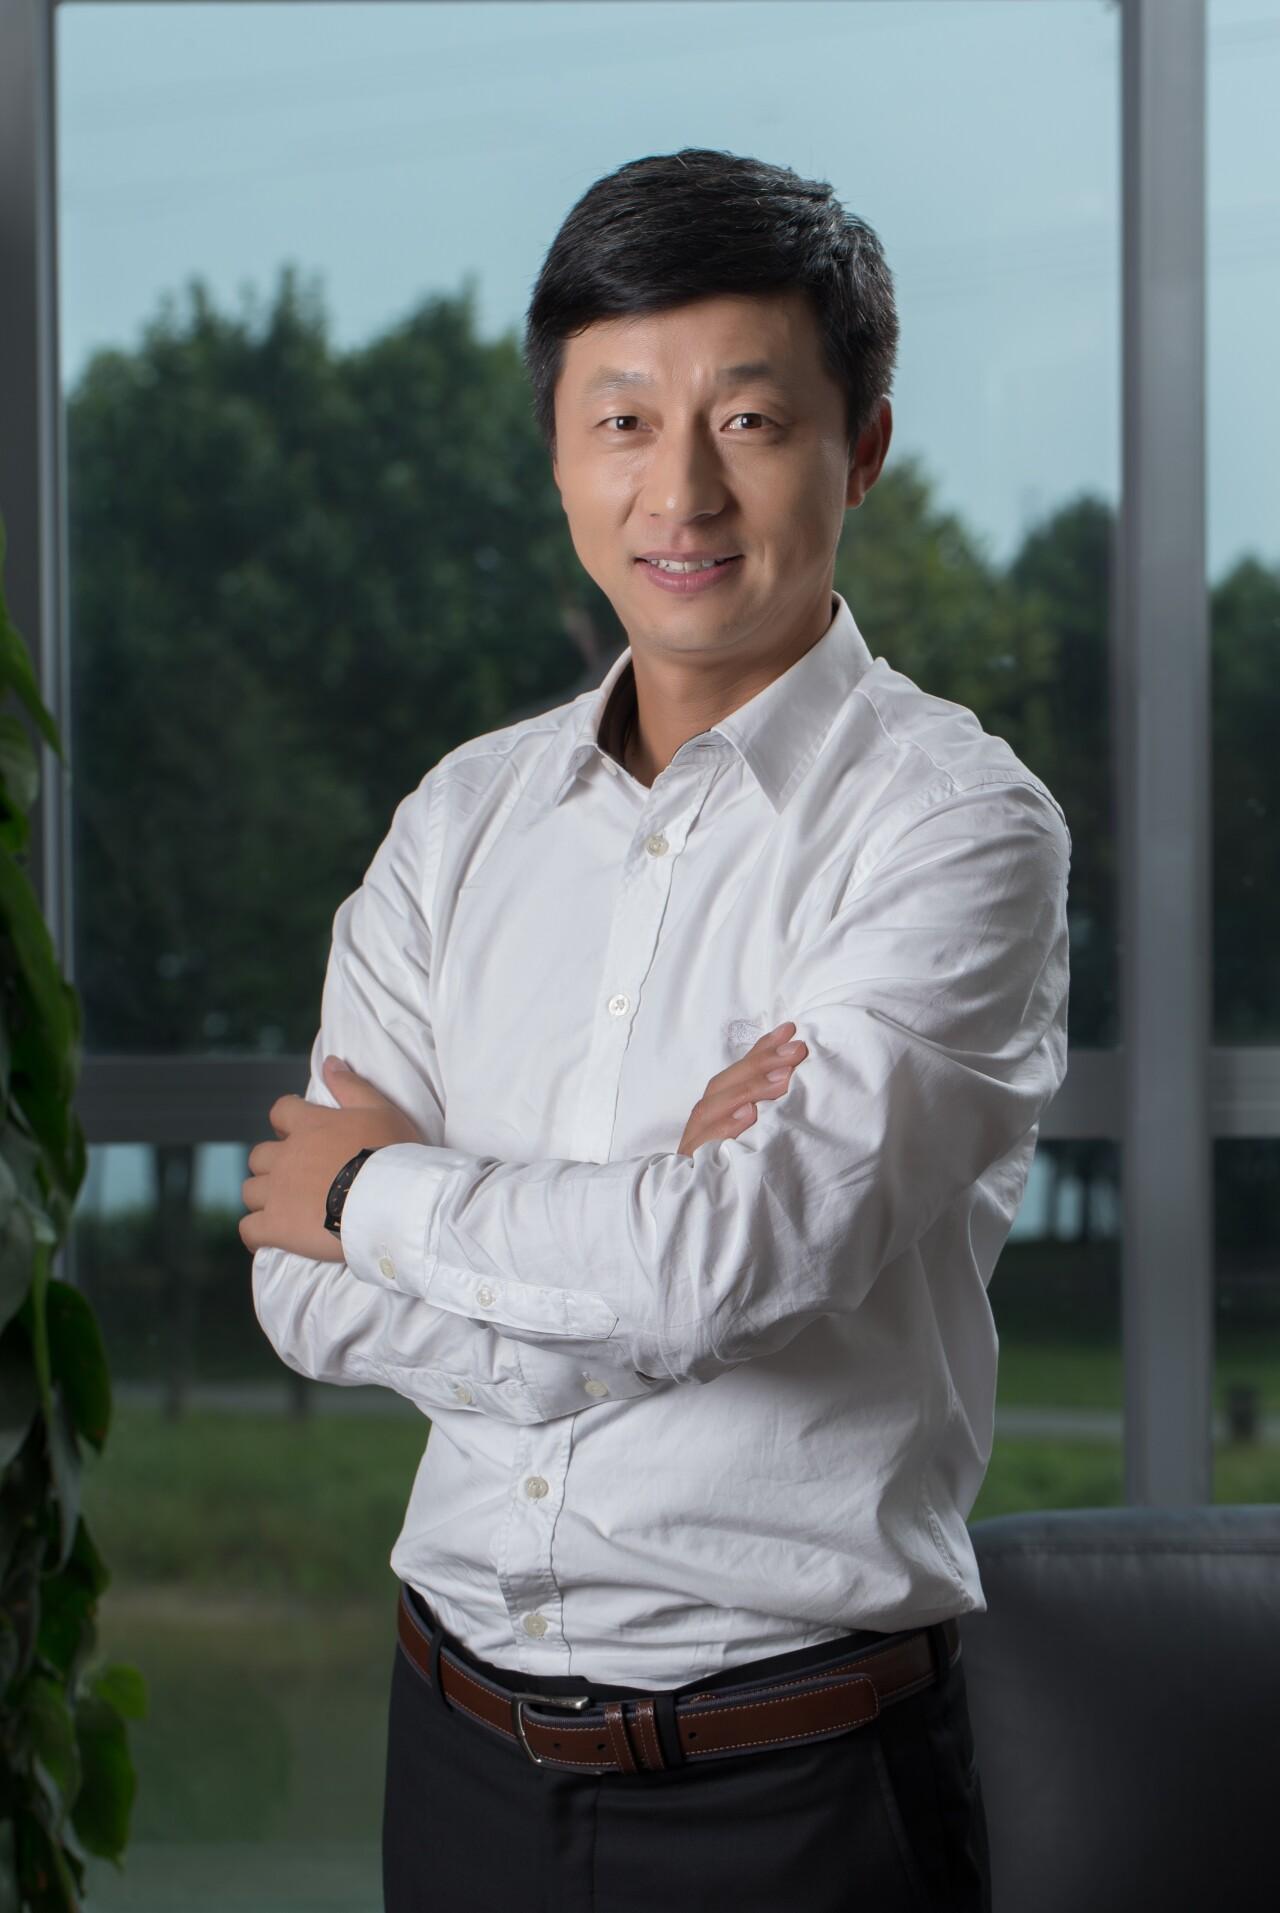 2yinmintv_记者:宁泽西 编辑:yinming 寻找独角兽背后英雄,揭秘实力投资真相